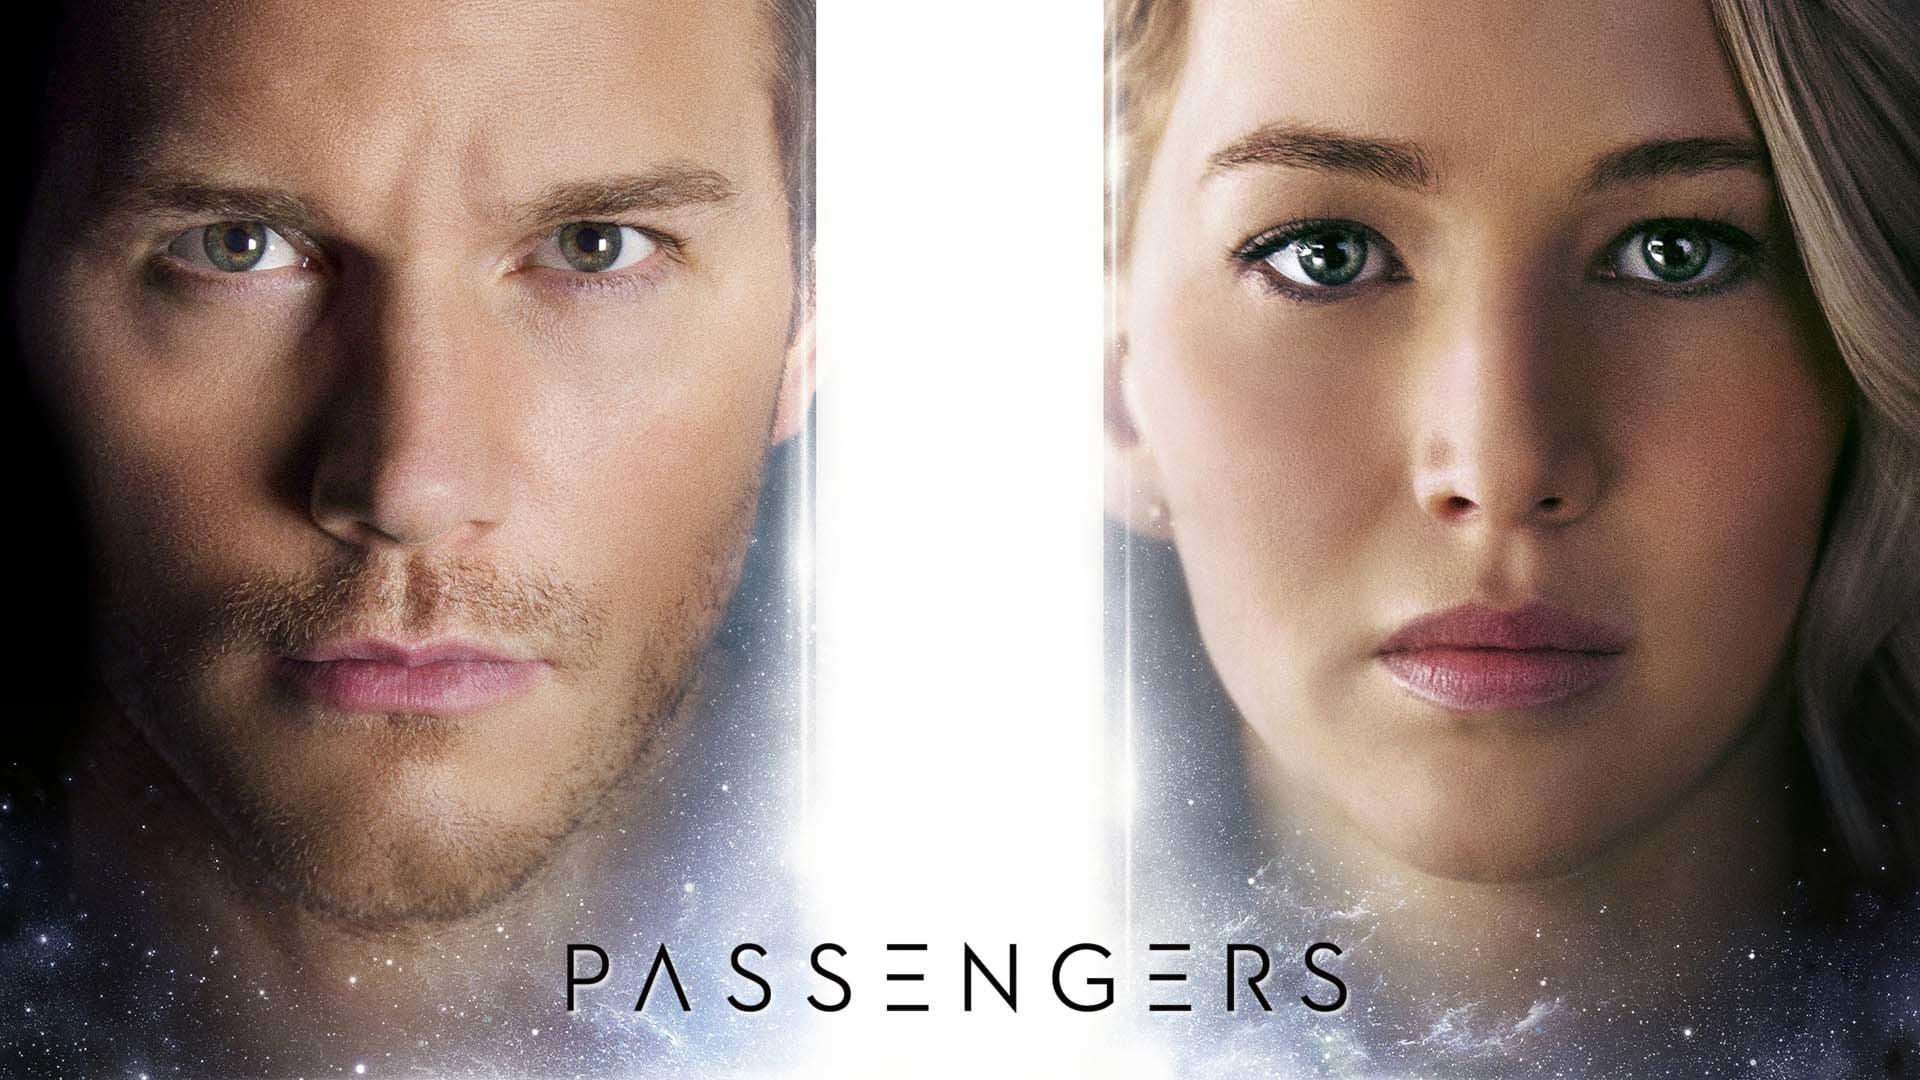 Watch Passengers 2016 Movie Online